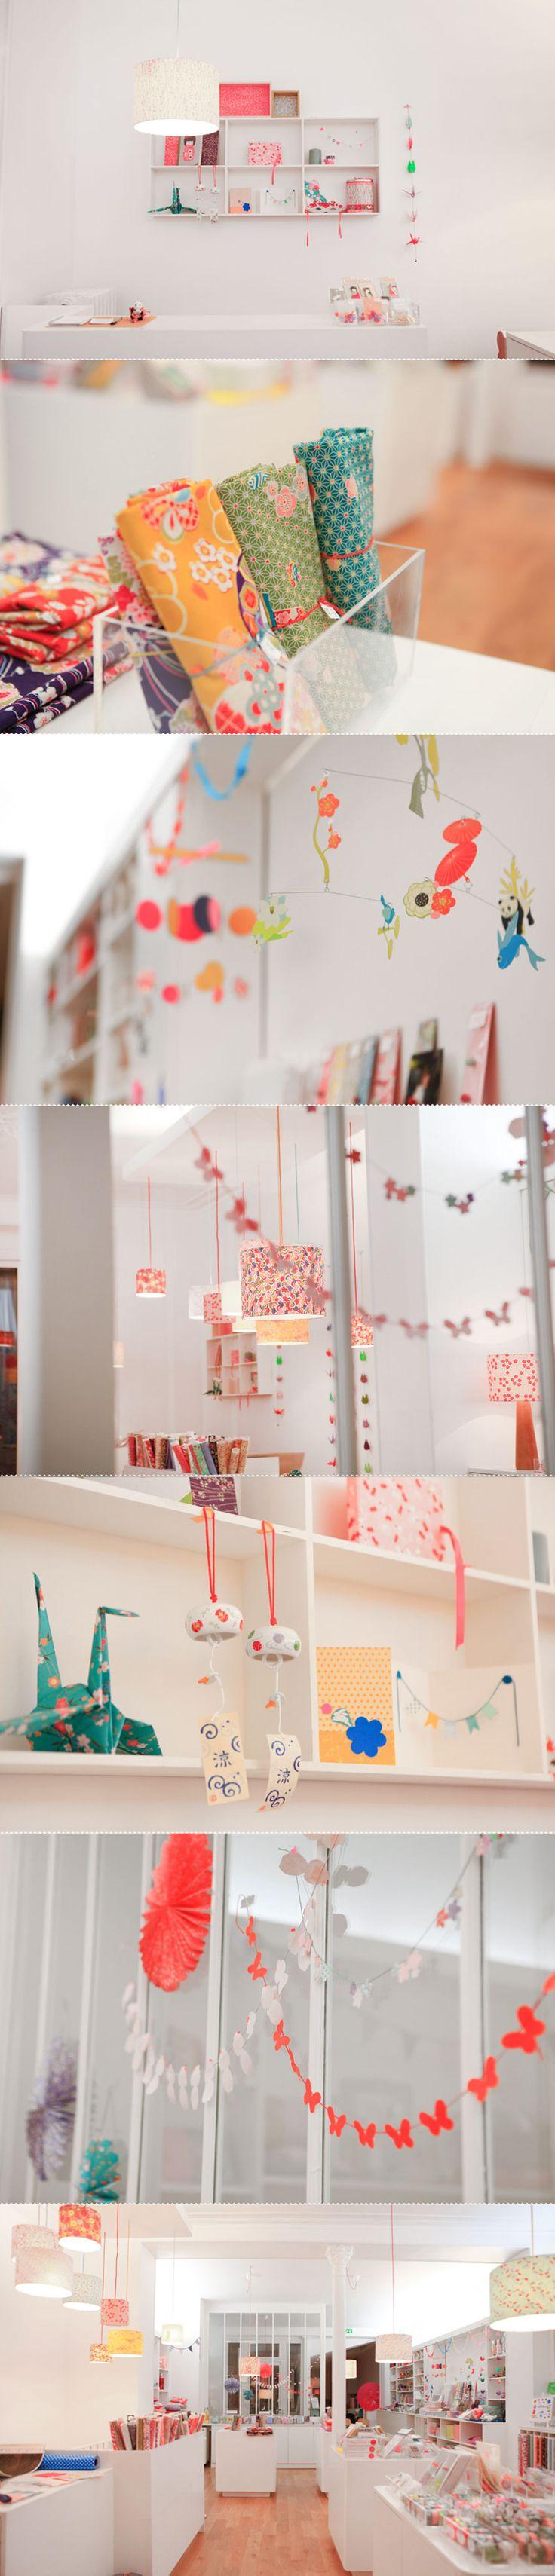 Griottes.fr / Adeline Klam shop